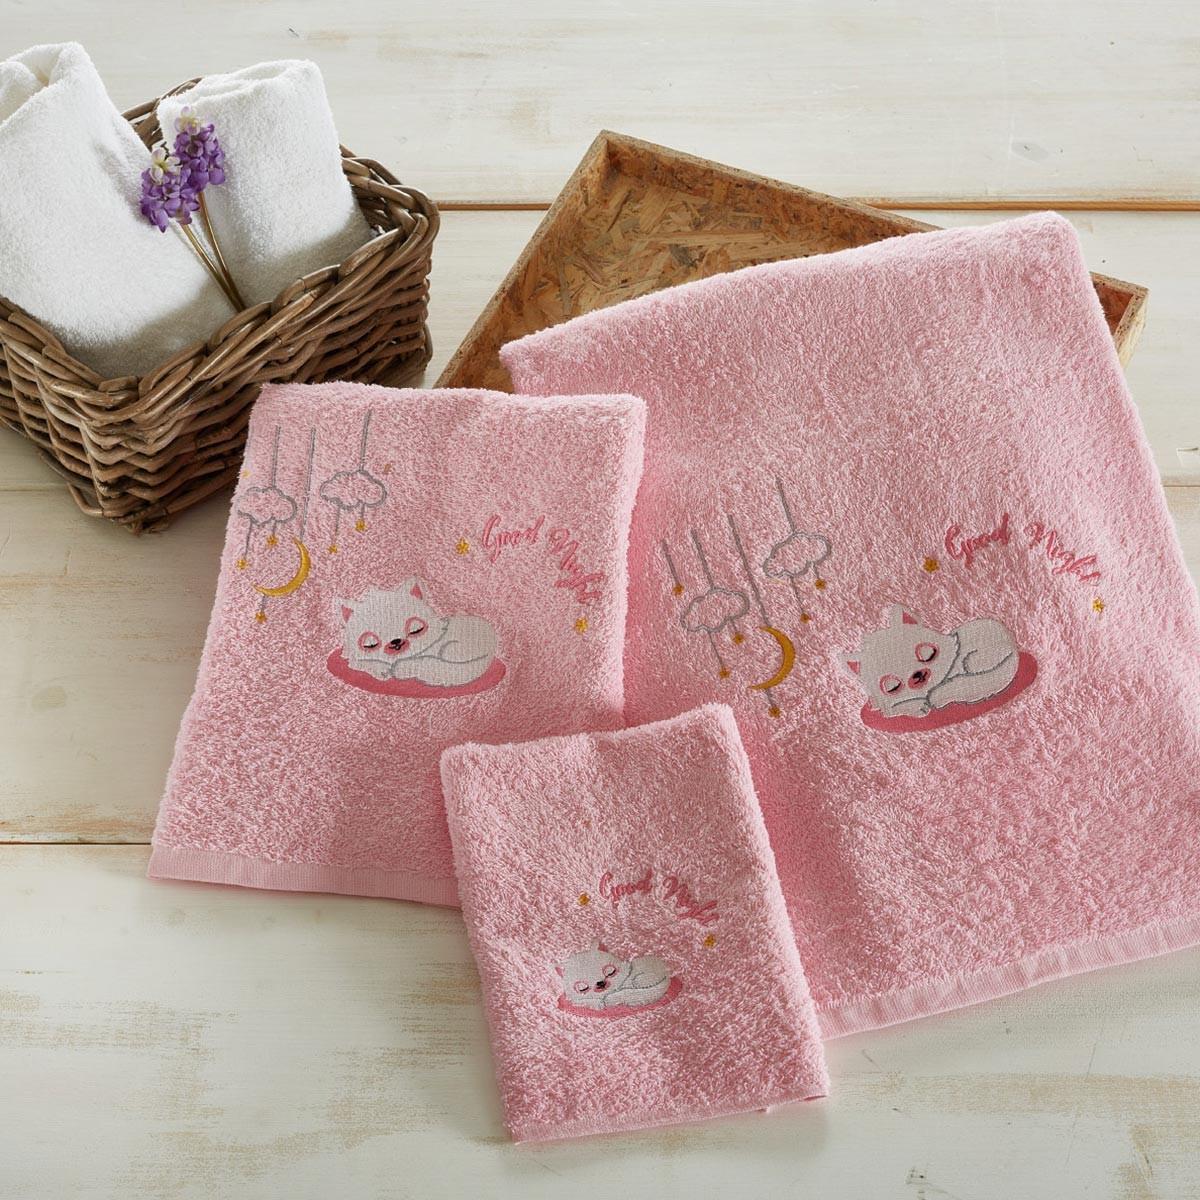 Βρεφικές Πετσέτες (Σετ 3τμχ) White Egg Γάτα Ροζ